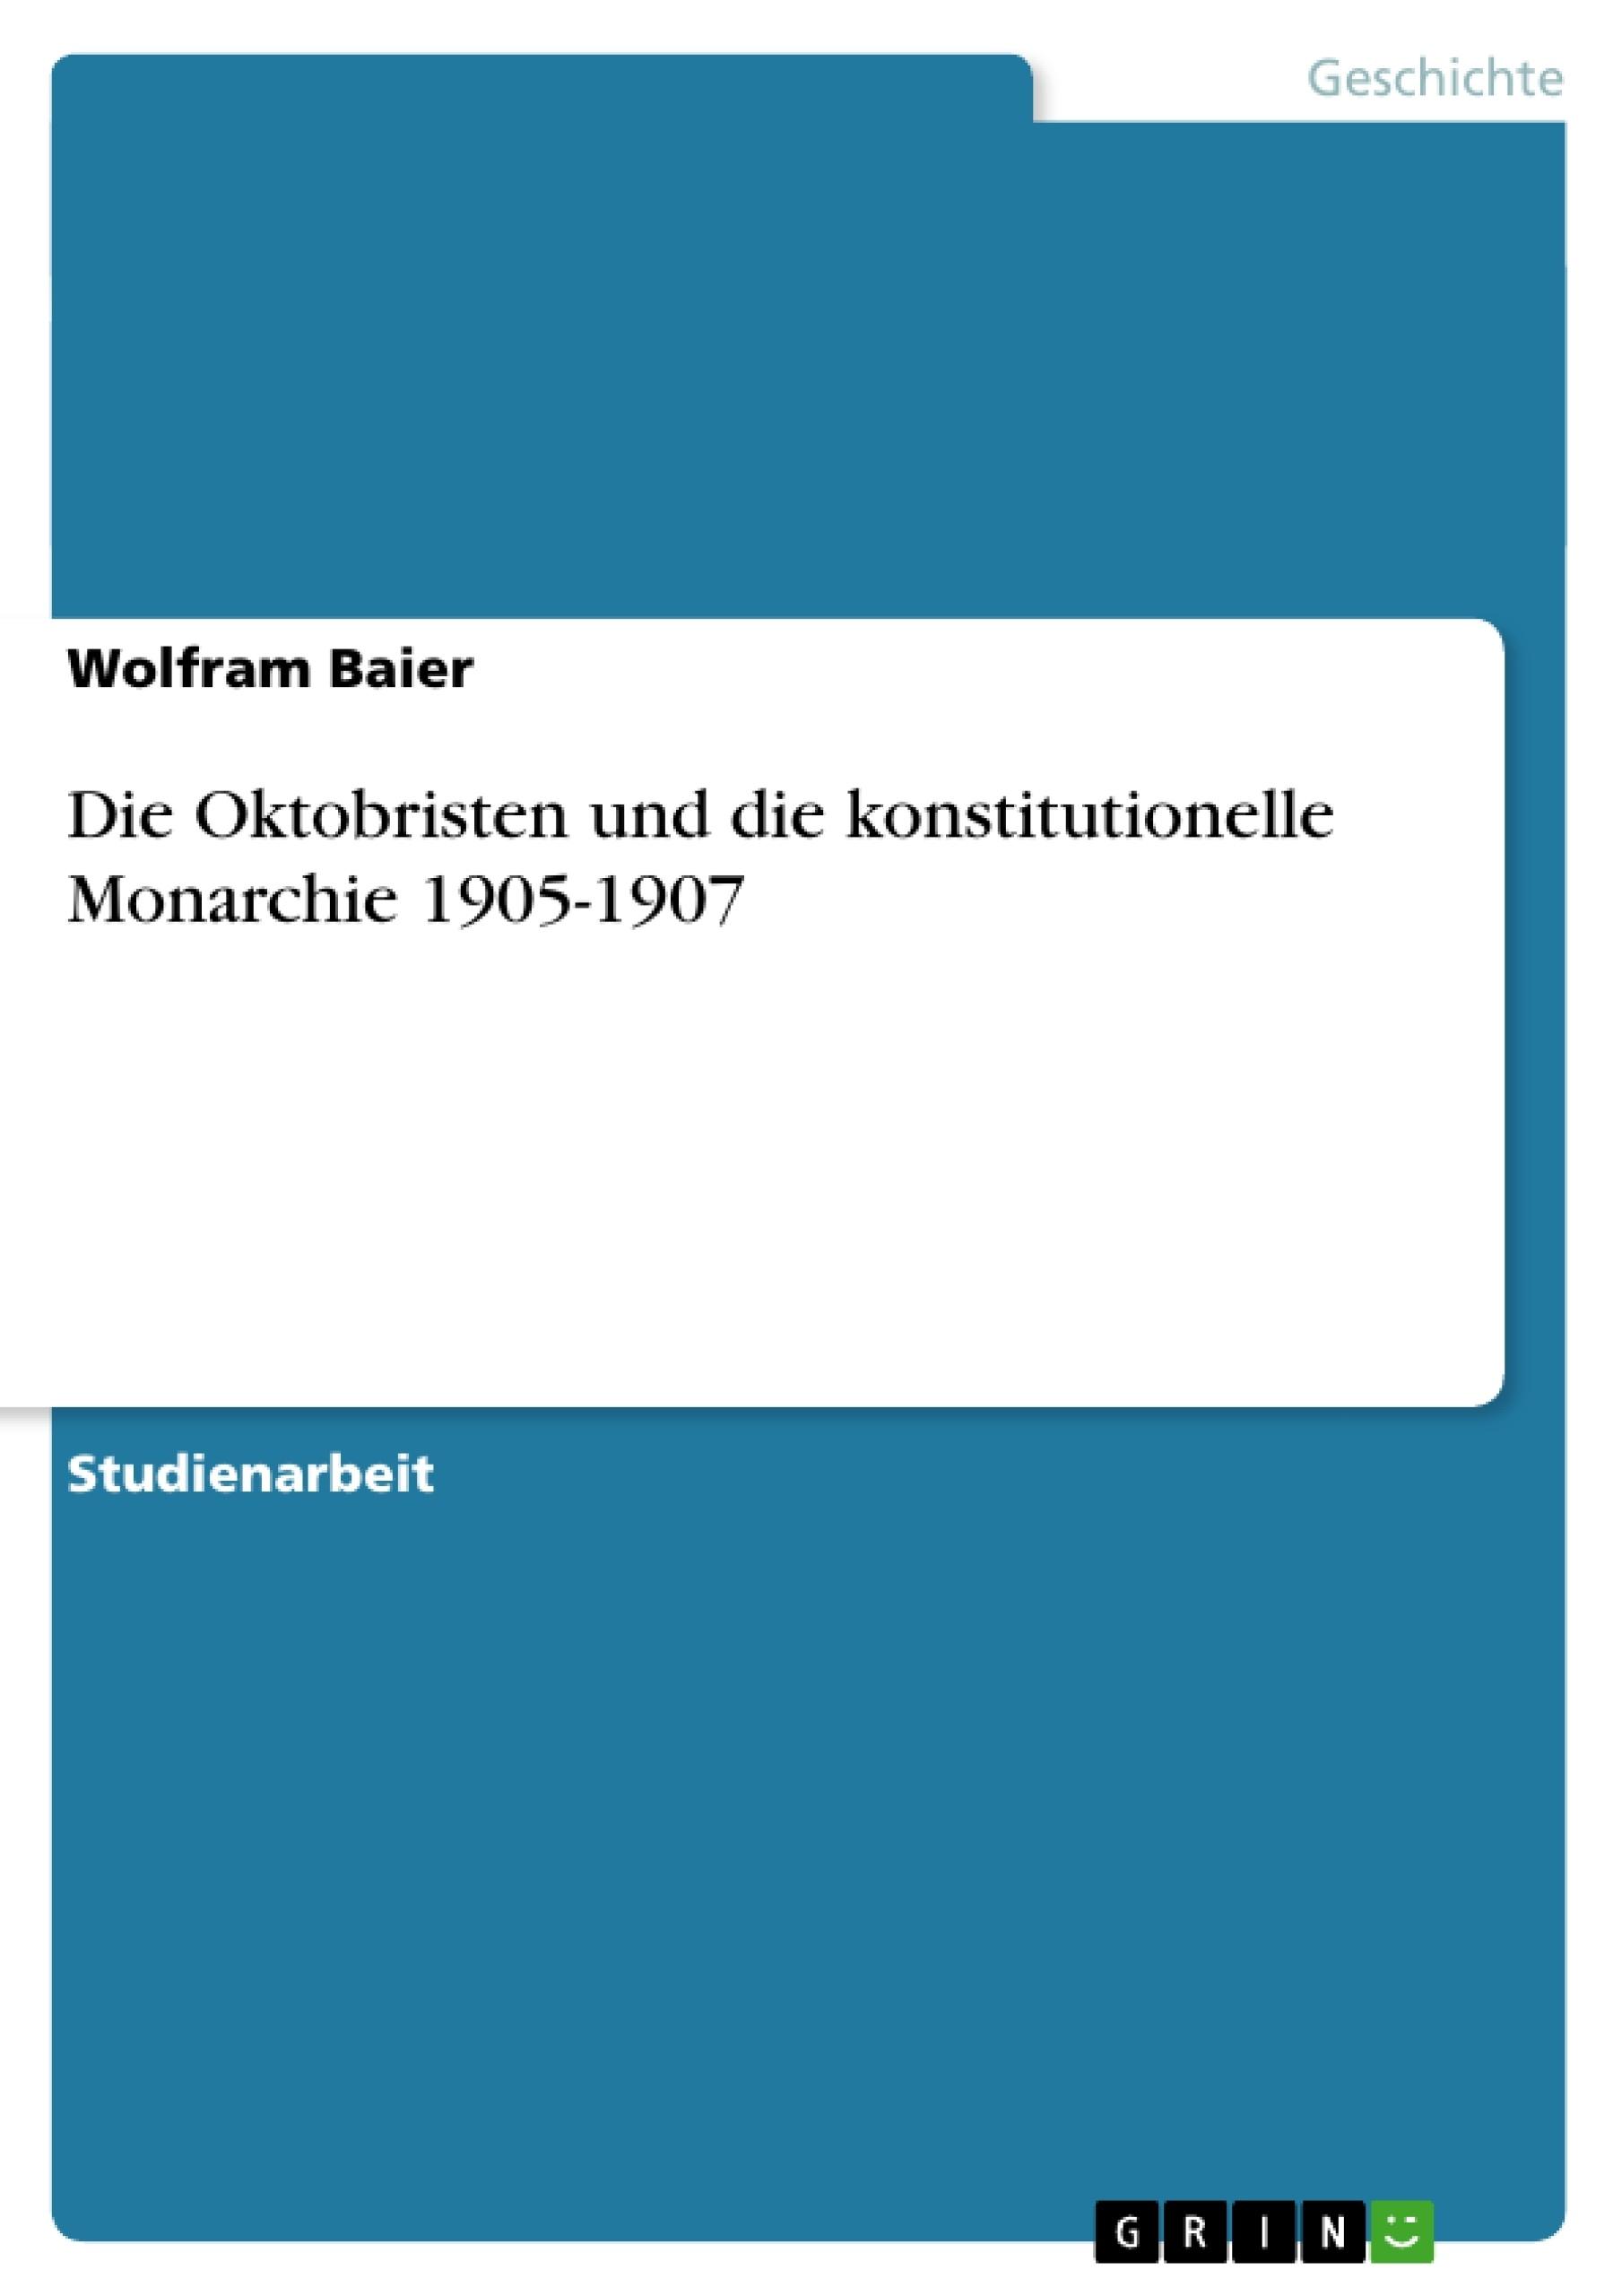 Titel: Die Oktobristen und die konstitutionelle Monarchie 1905-1907